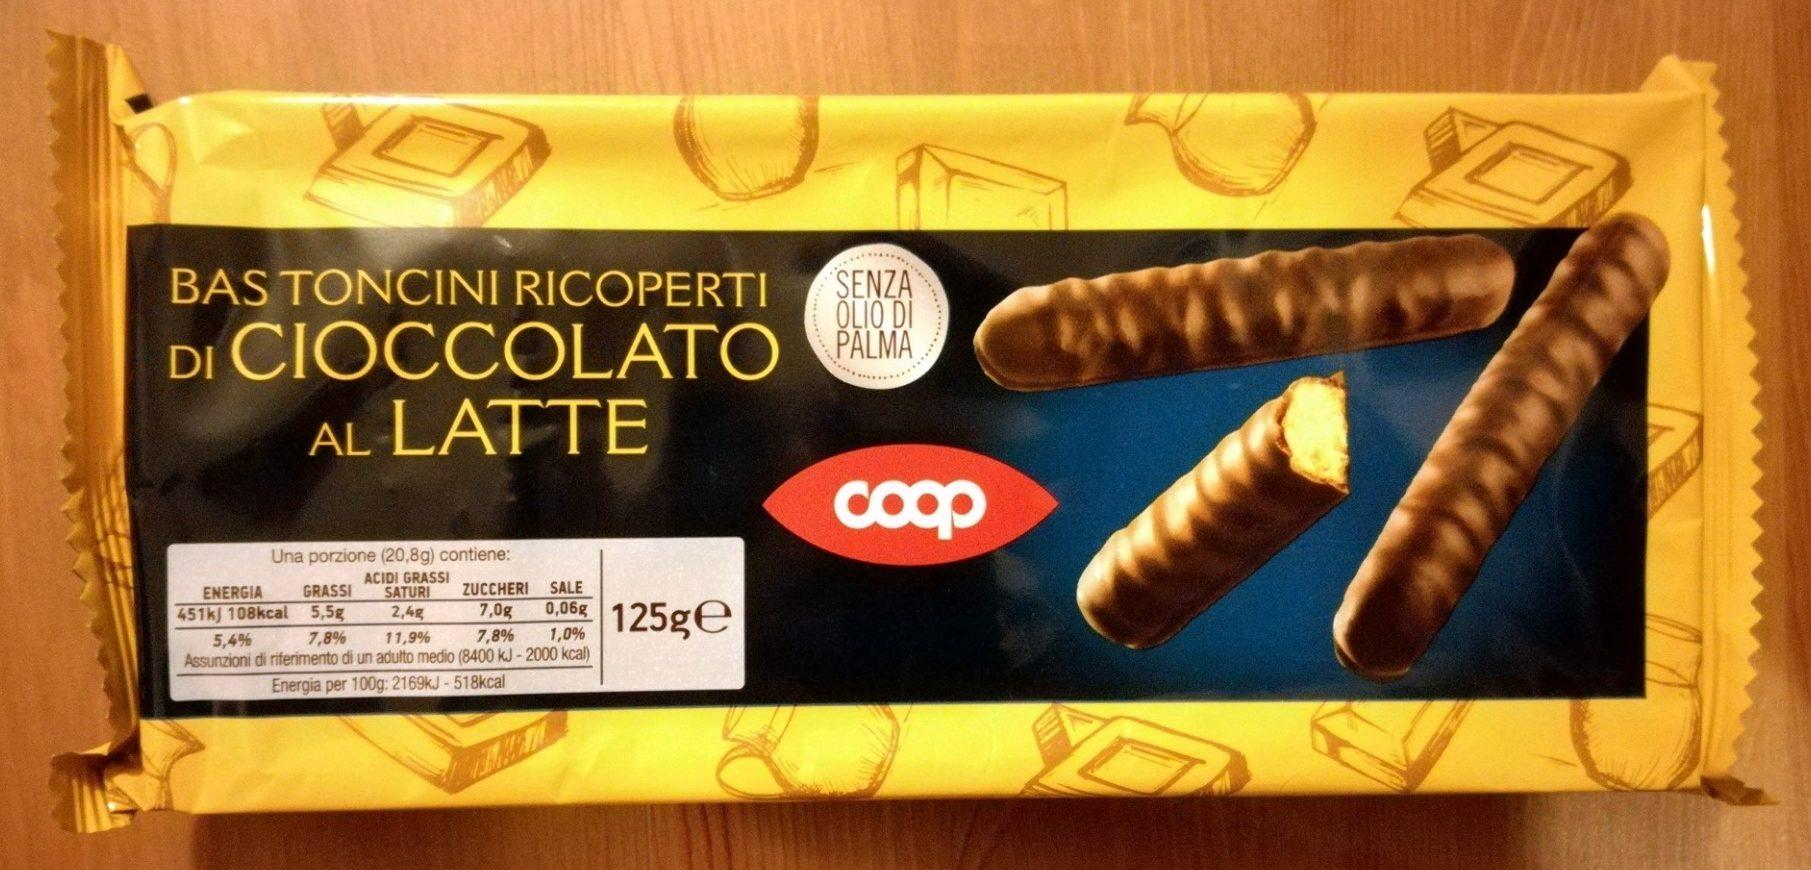 Bastoncini ricoperti di cioccolato al latte - Prodotto - it